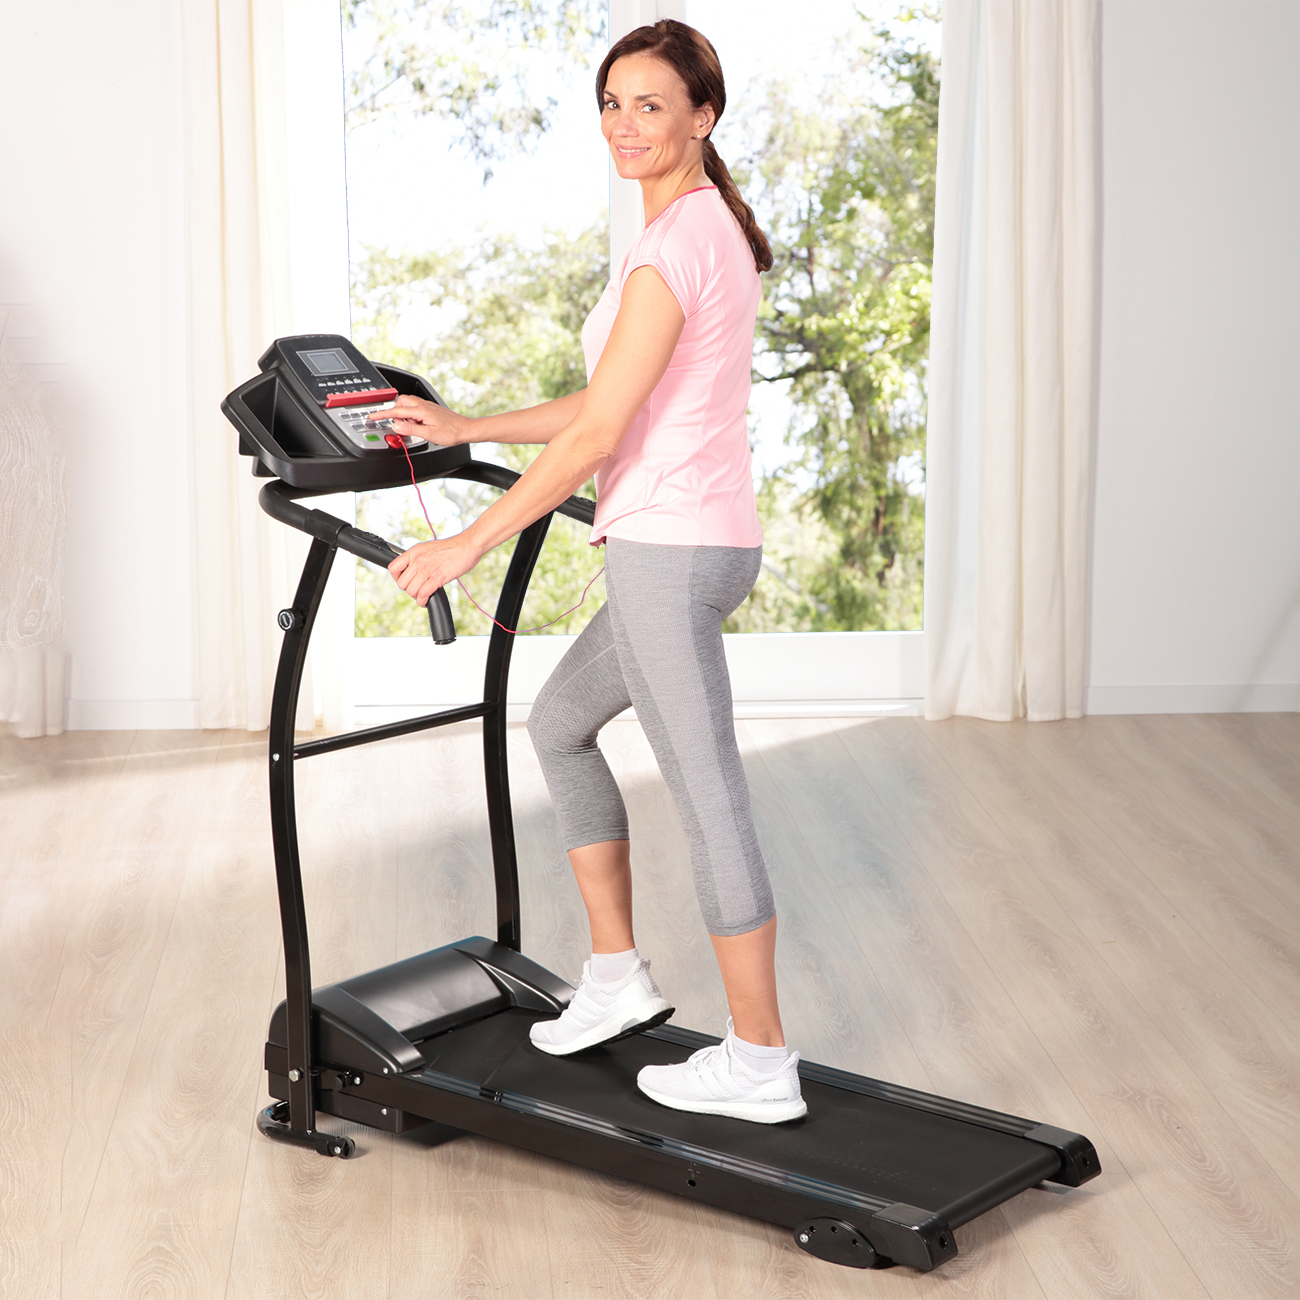 Ob leichtes Walking oder schnelles Joggen, bei den 12 Trainingsprogrammen ist für Jeden das Passende dabei! Bestellen Sie sofort und überzeugen Sie sich selbst!